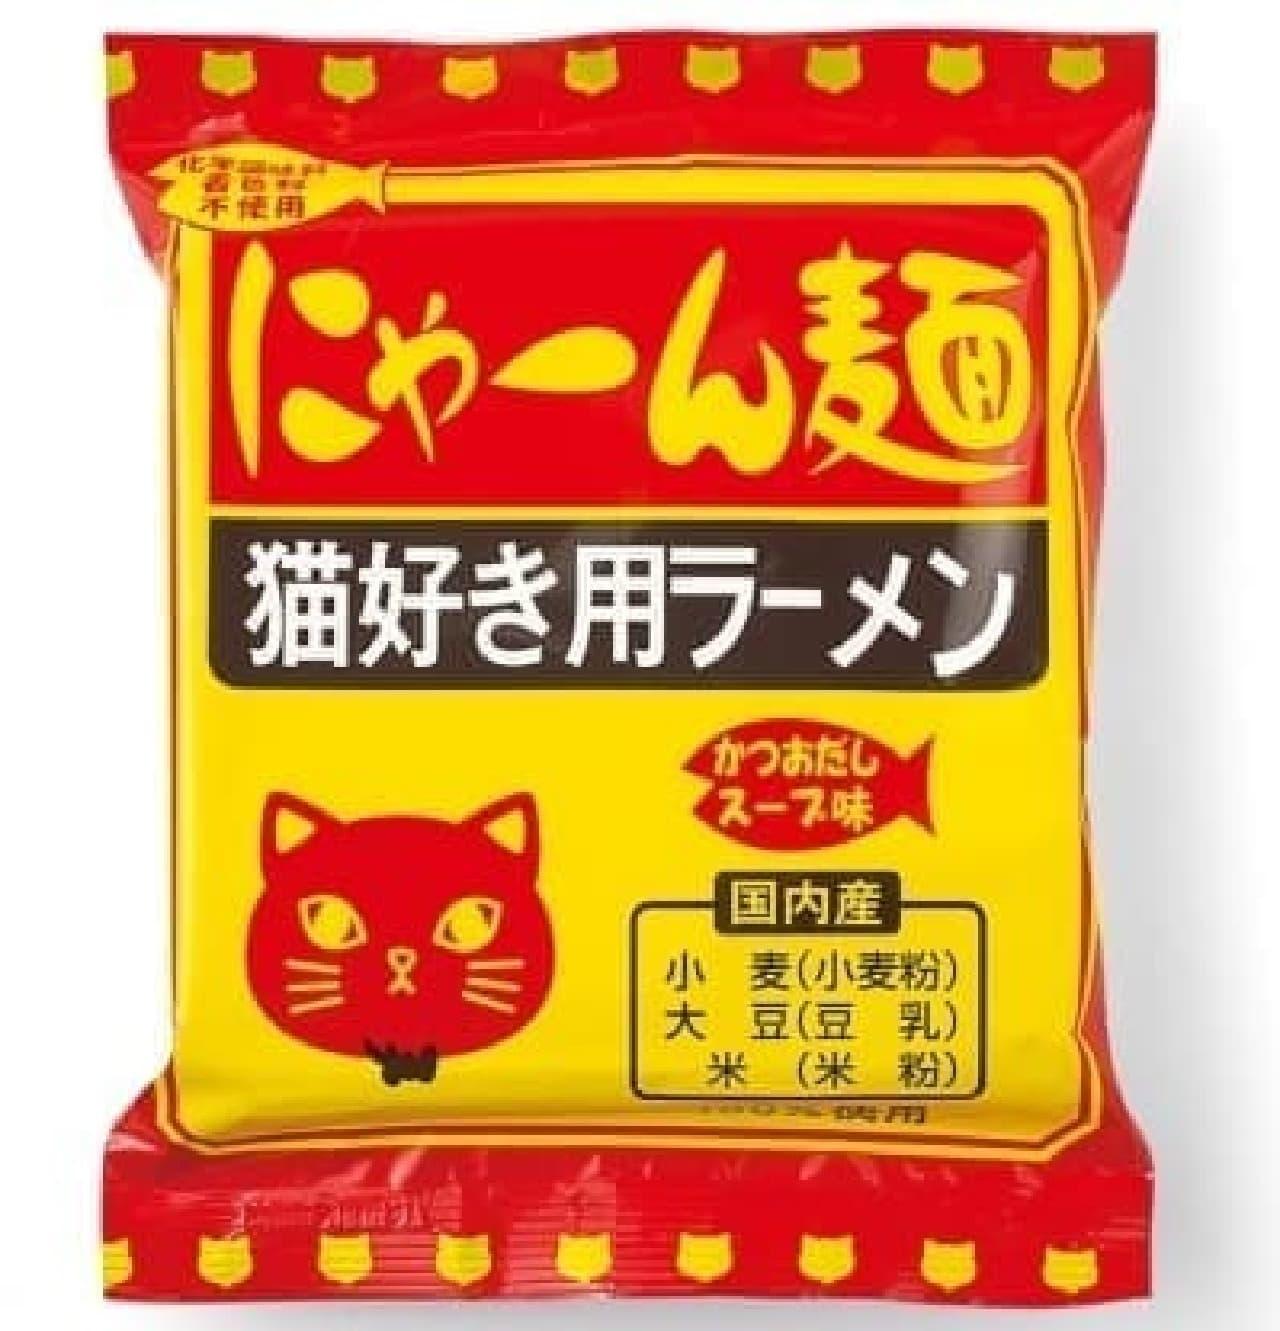 「にゃーん麺」はかつお風味だニャ